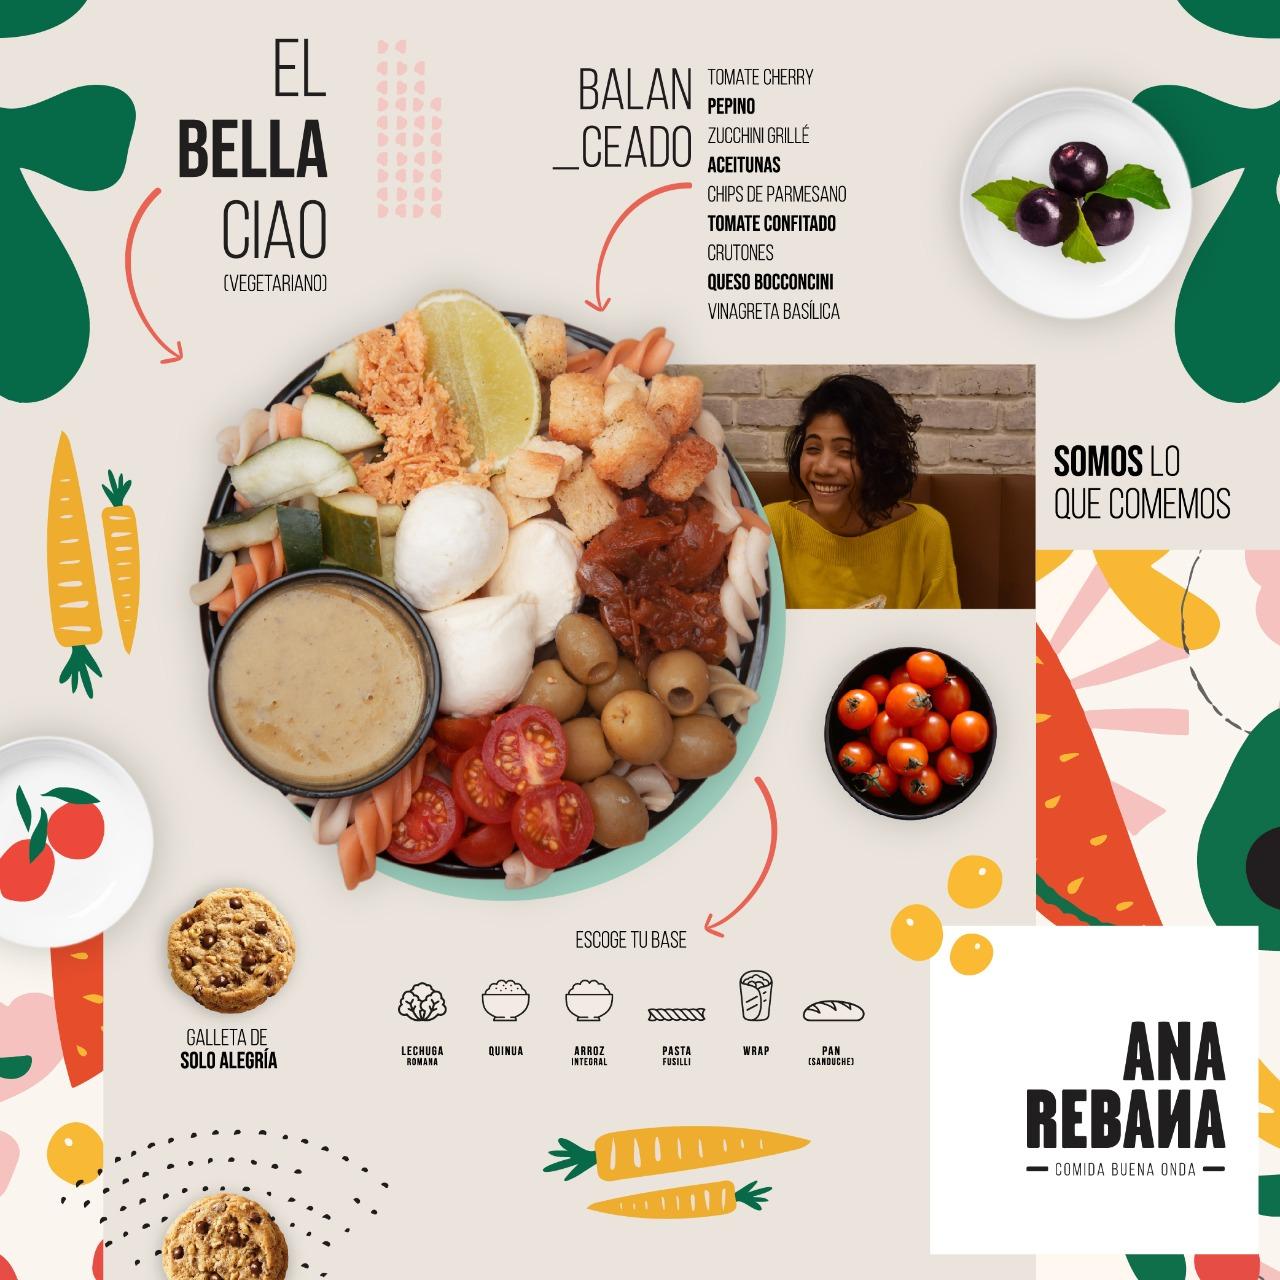 Ana Rebana